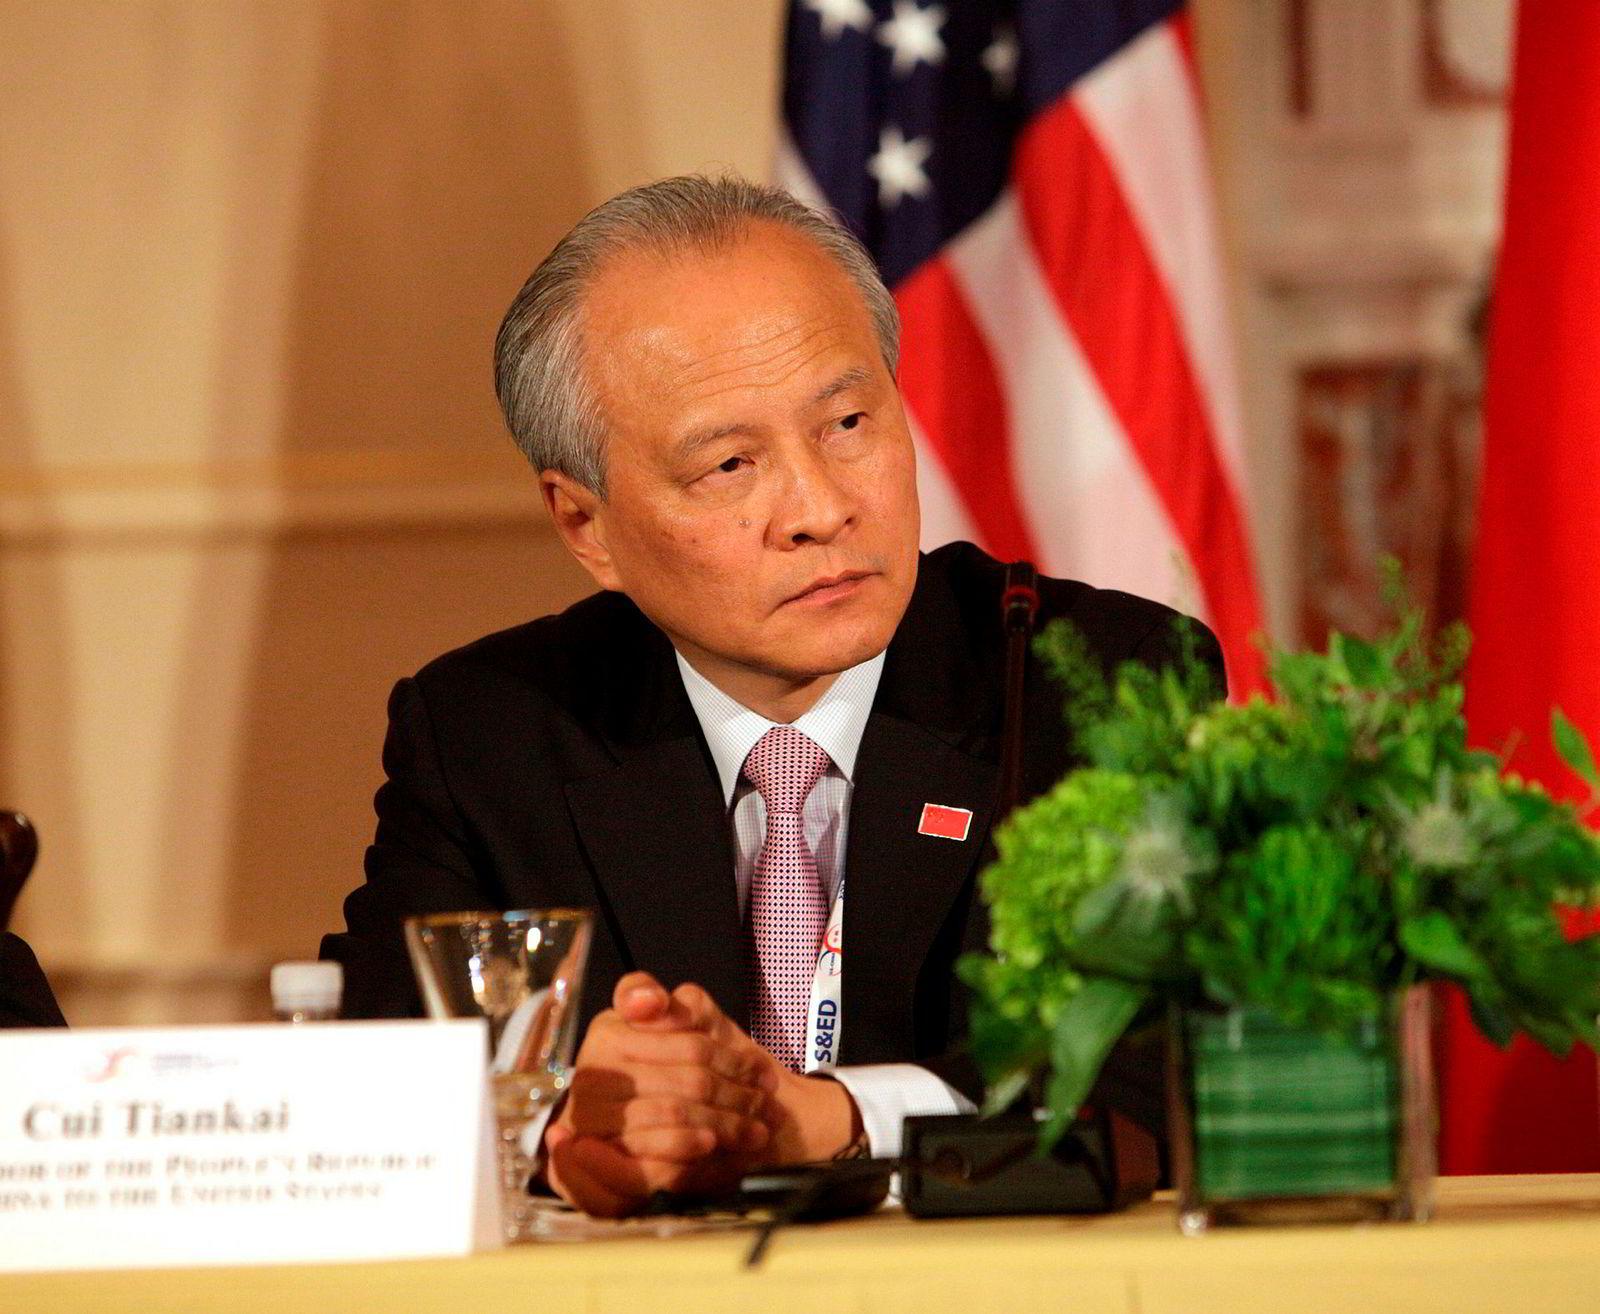 Kinas USA-ambassadør Cui Tiankai (her fra 2015) er kritisk til hva han mener er farlig retorikk. – Vi må være på vakt mot ødeleggende krefter som utnytter den pågående handelsfriksjonen, sa Cui under en middag i Washington, D.C. i forrige uke.